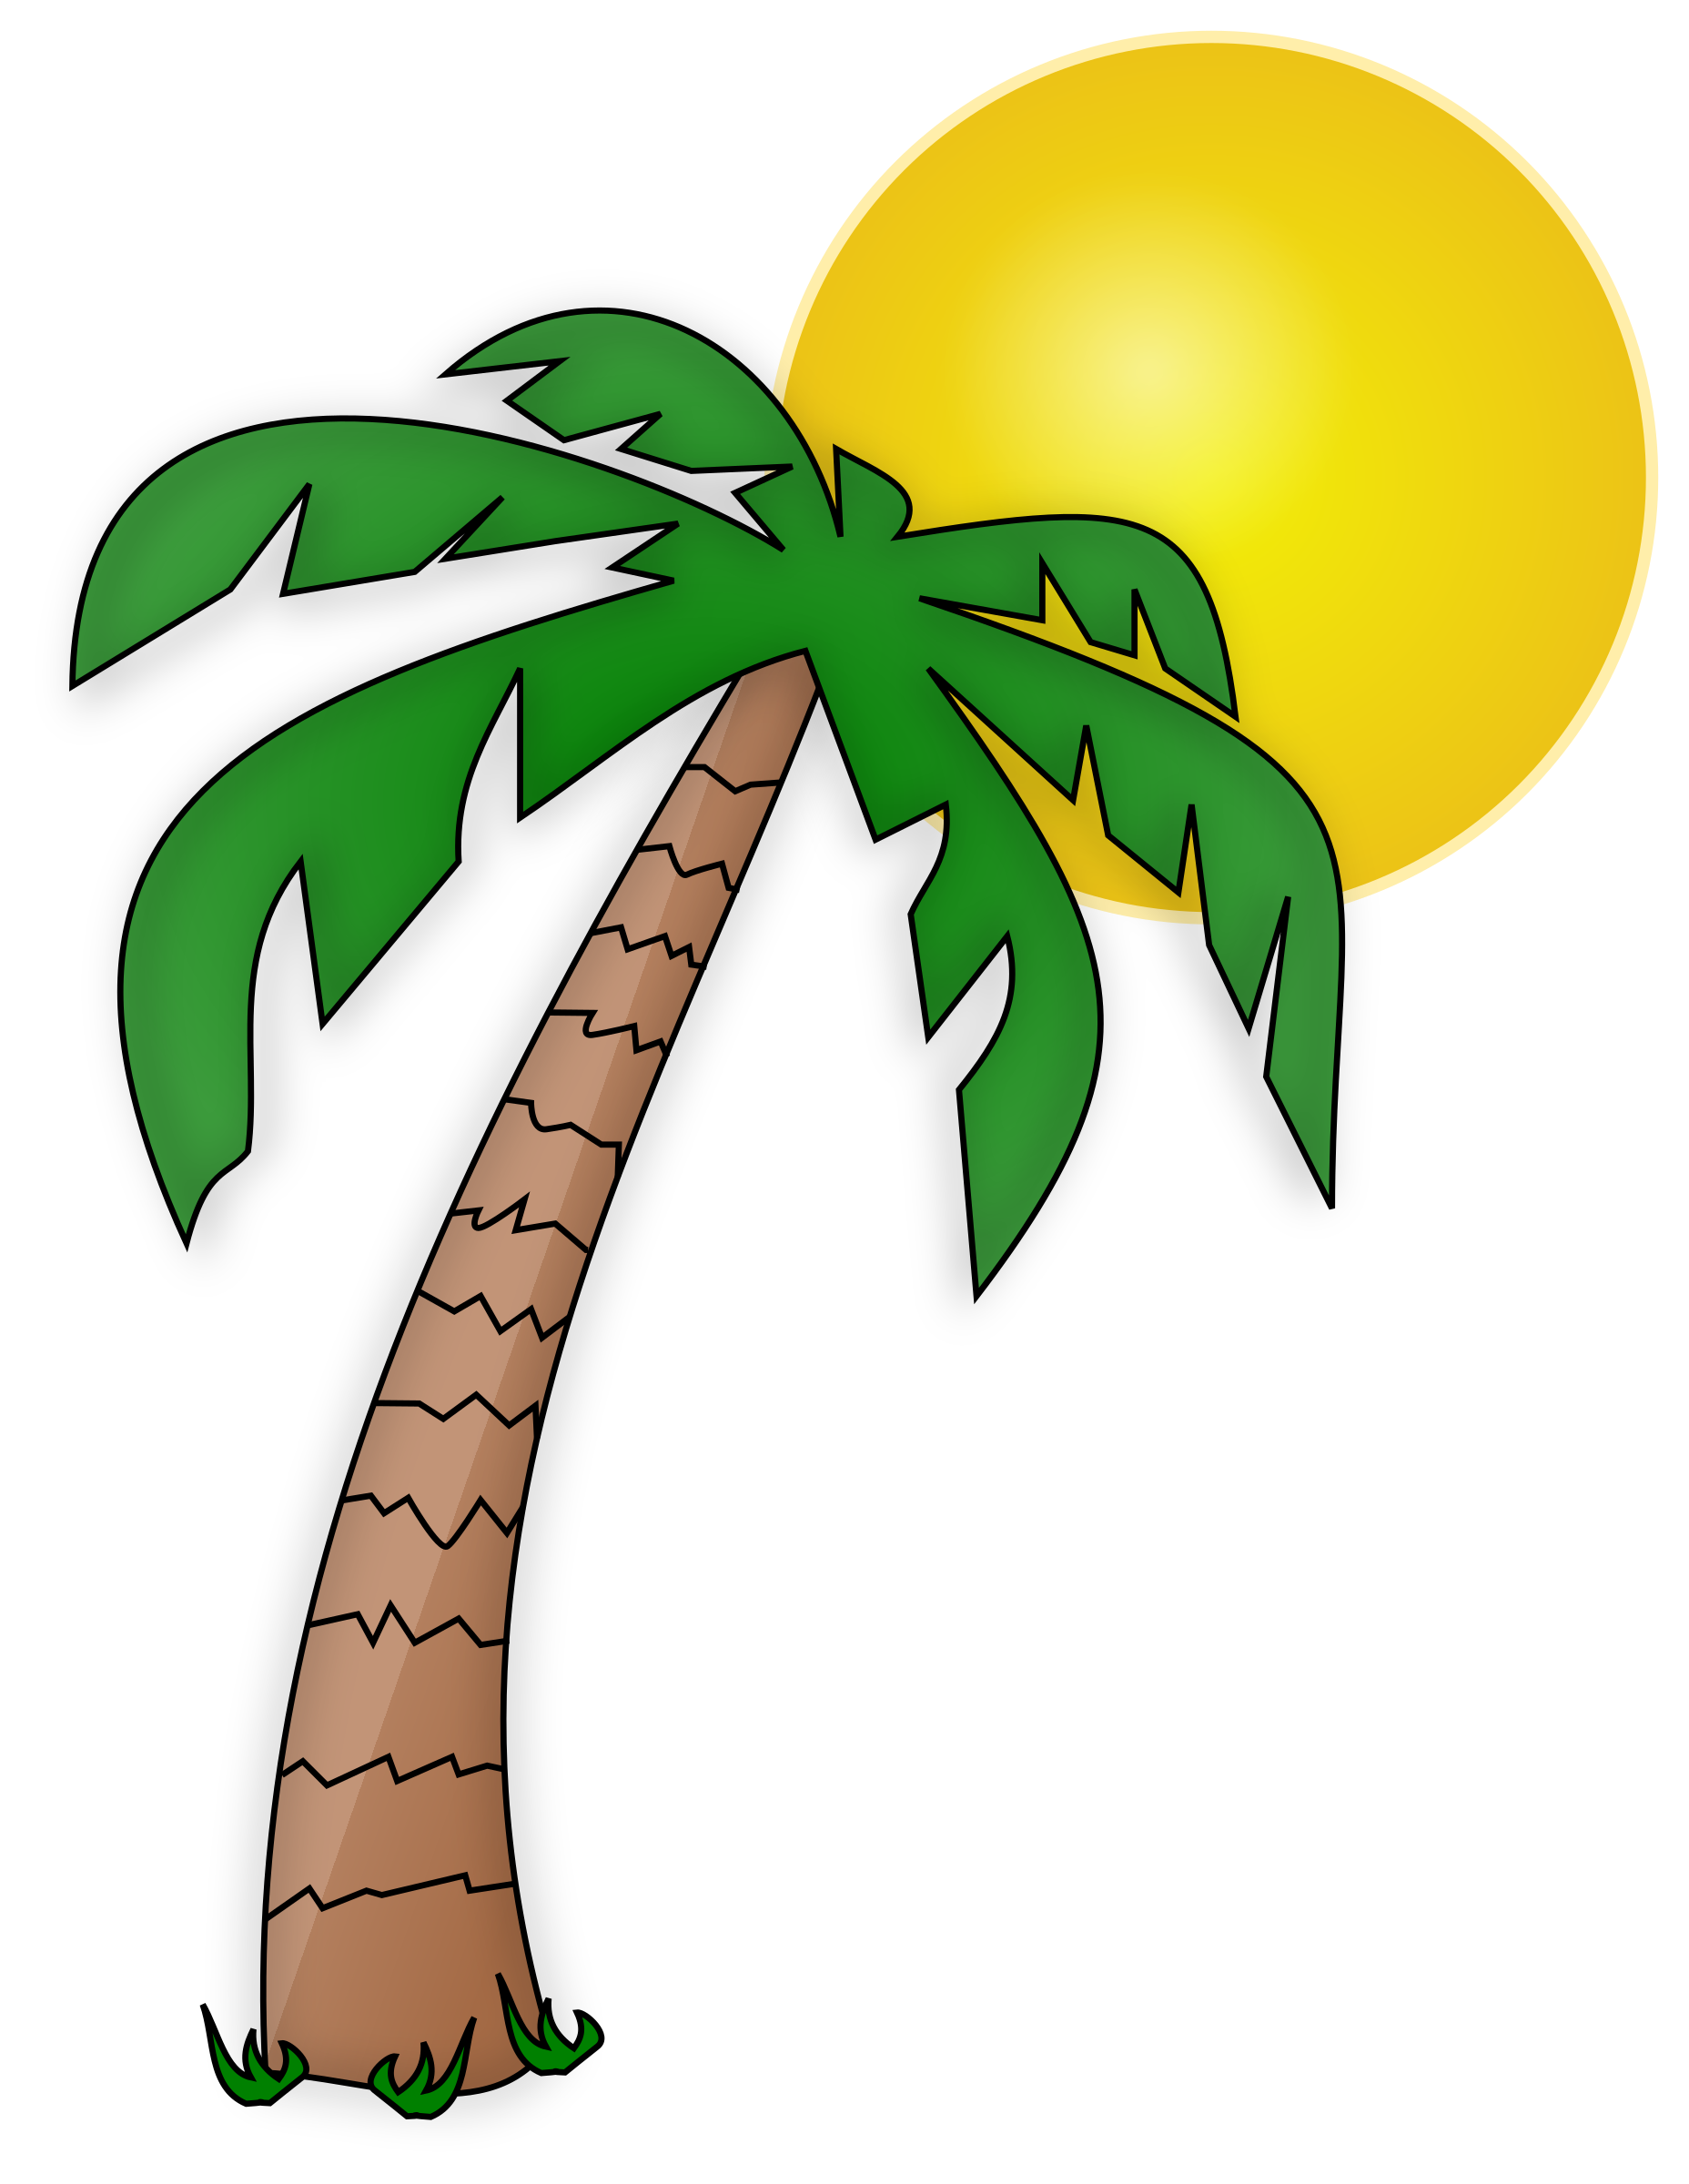 Clipart sunshine tree clipart. Palmier et soleil palm